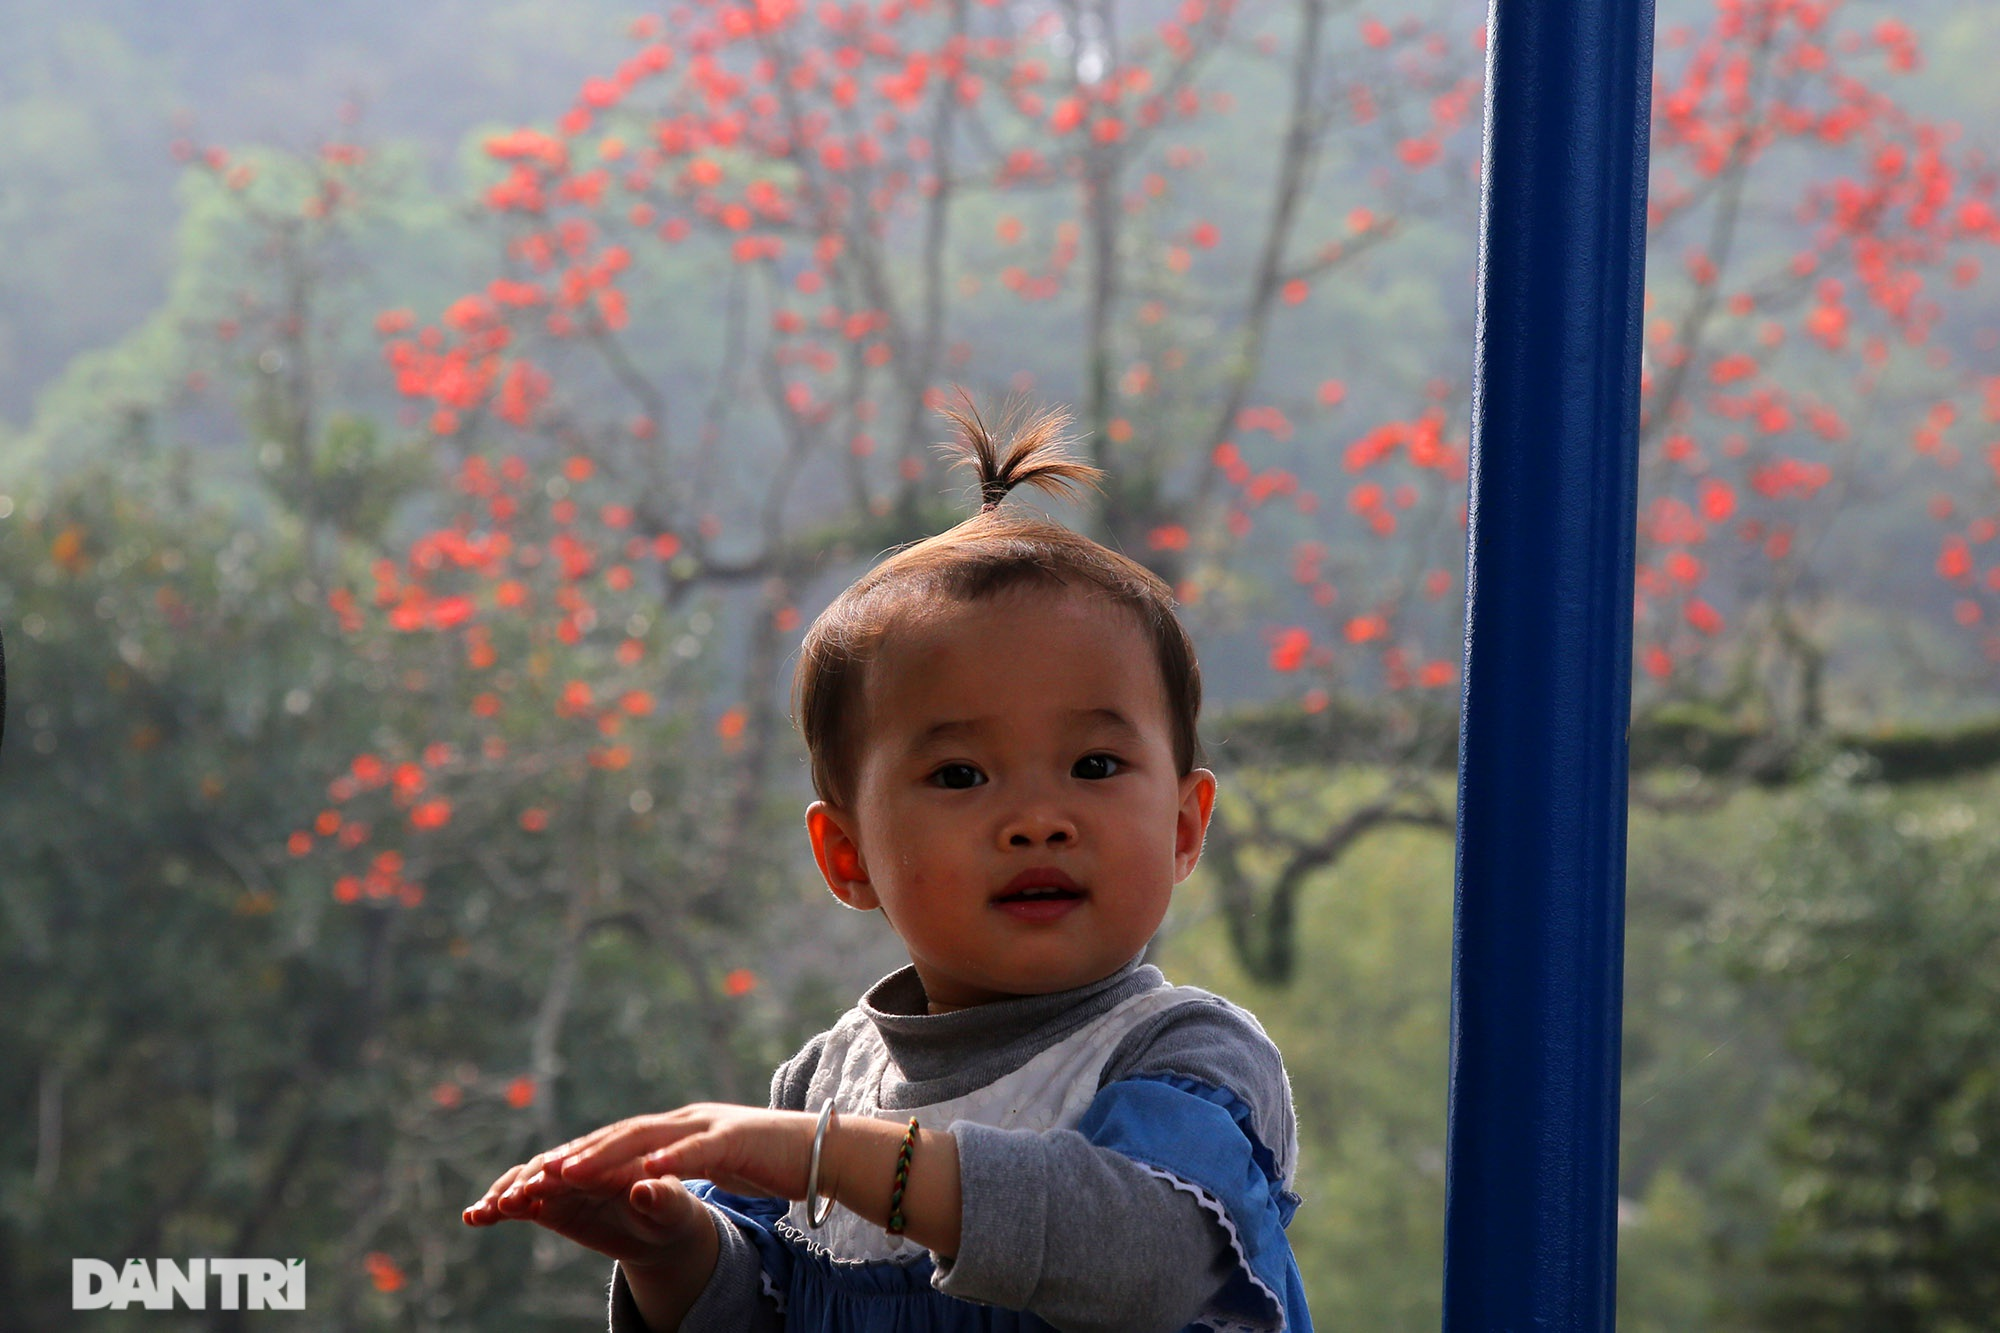 Hoa gạo nở đẹp sâu lắng vùng ngoại thành Hà Nội - 9